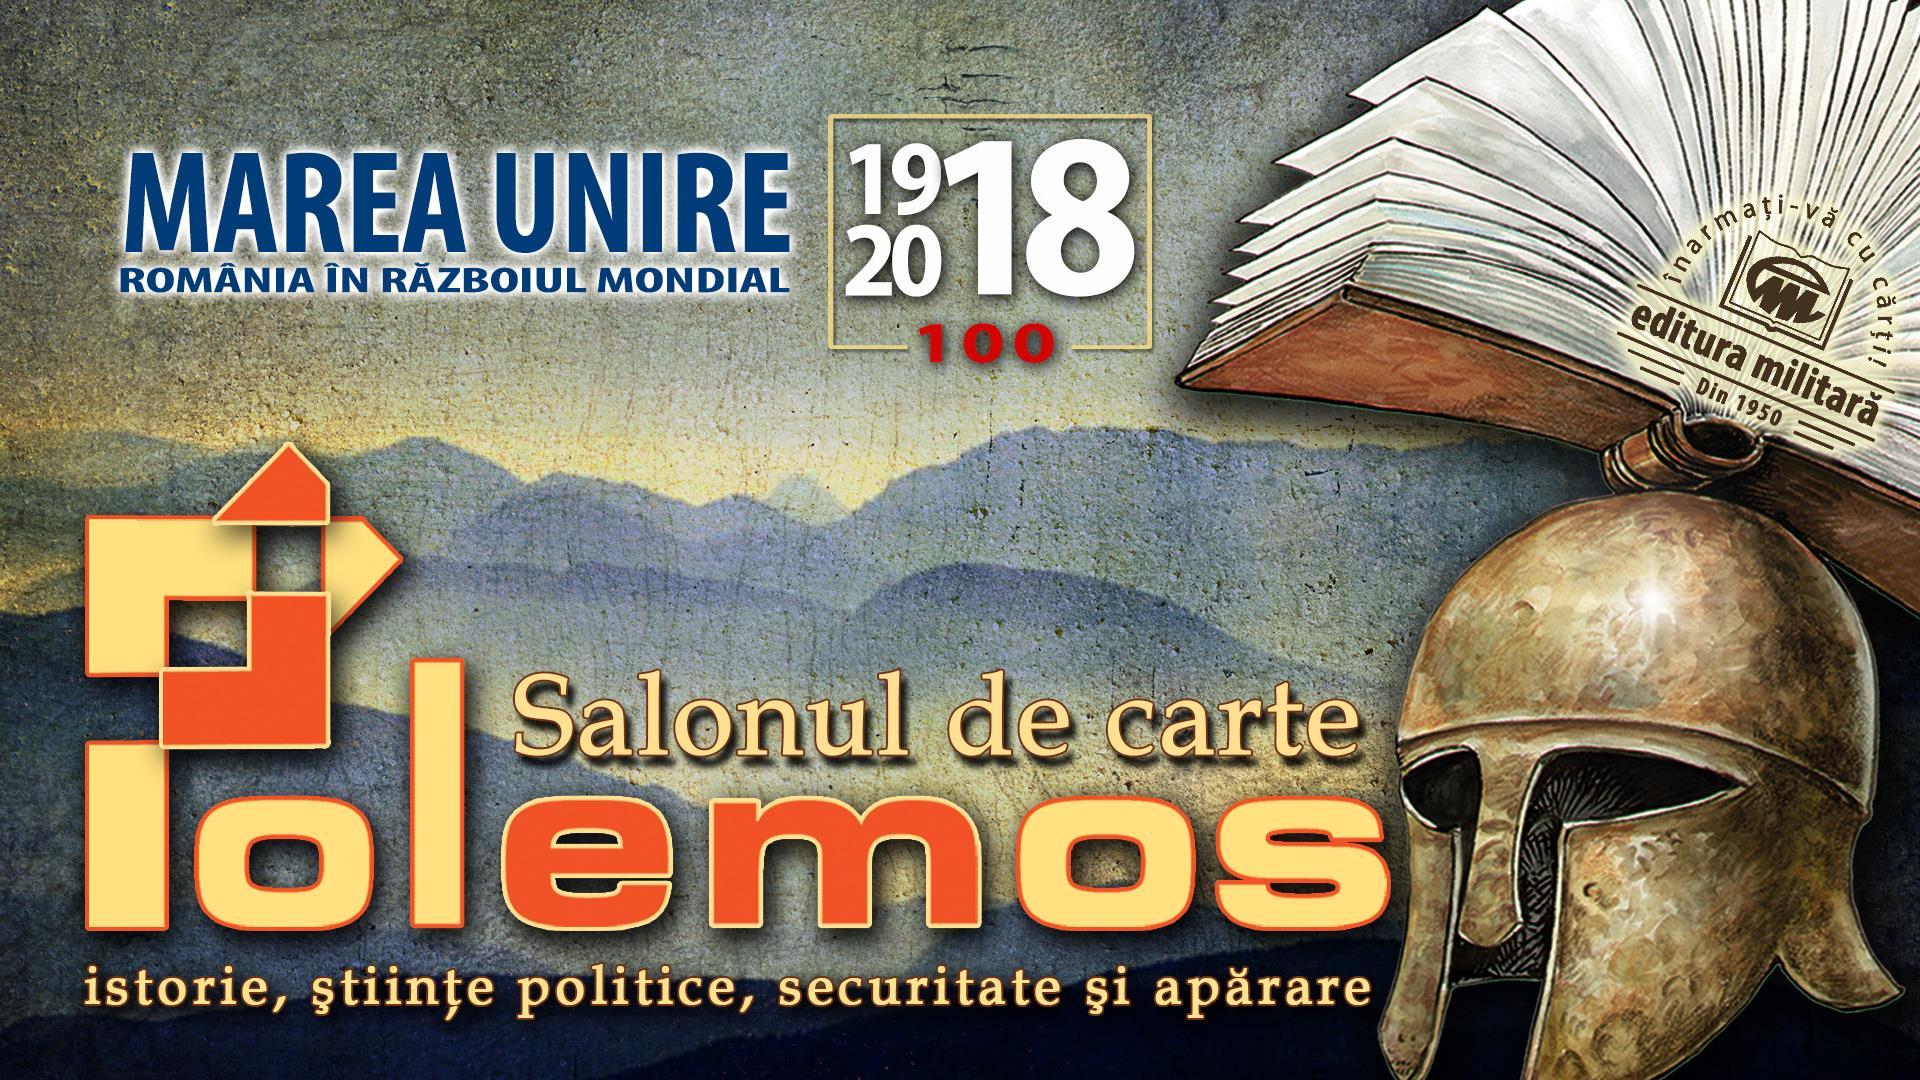 Permalink to: AEDU la Salonul de carte POLEMOS 2018